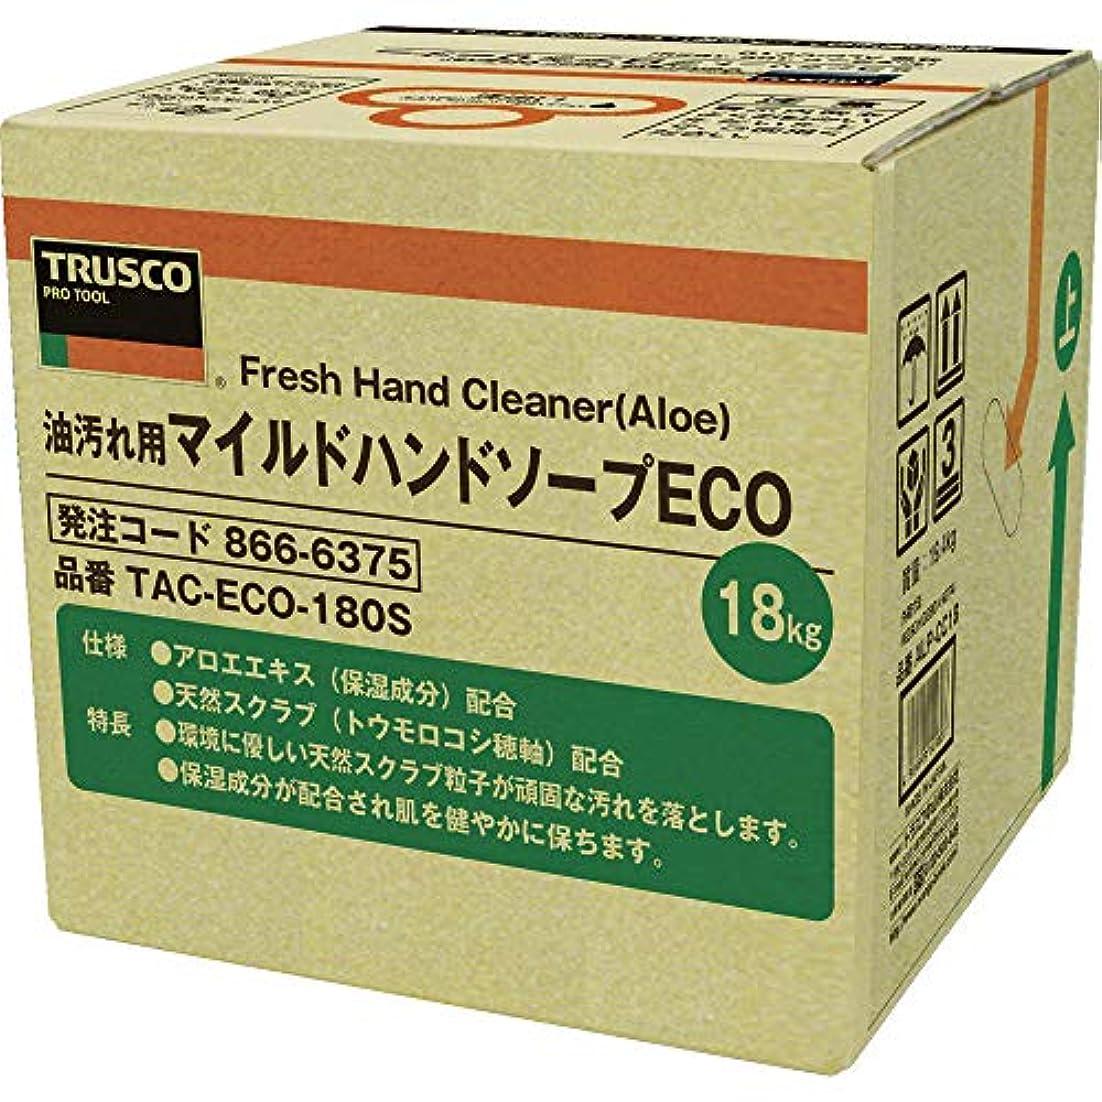 損失誠実に対応TRUSCO(トラスコ) マイルドハンドソープ ECO 18L 詰替 バッグインボックス TACECO180S